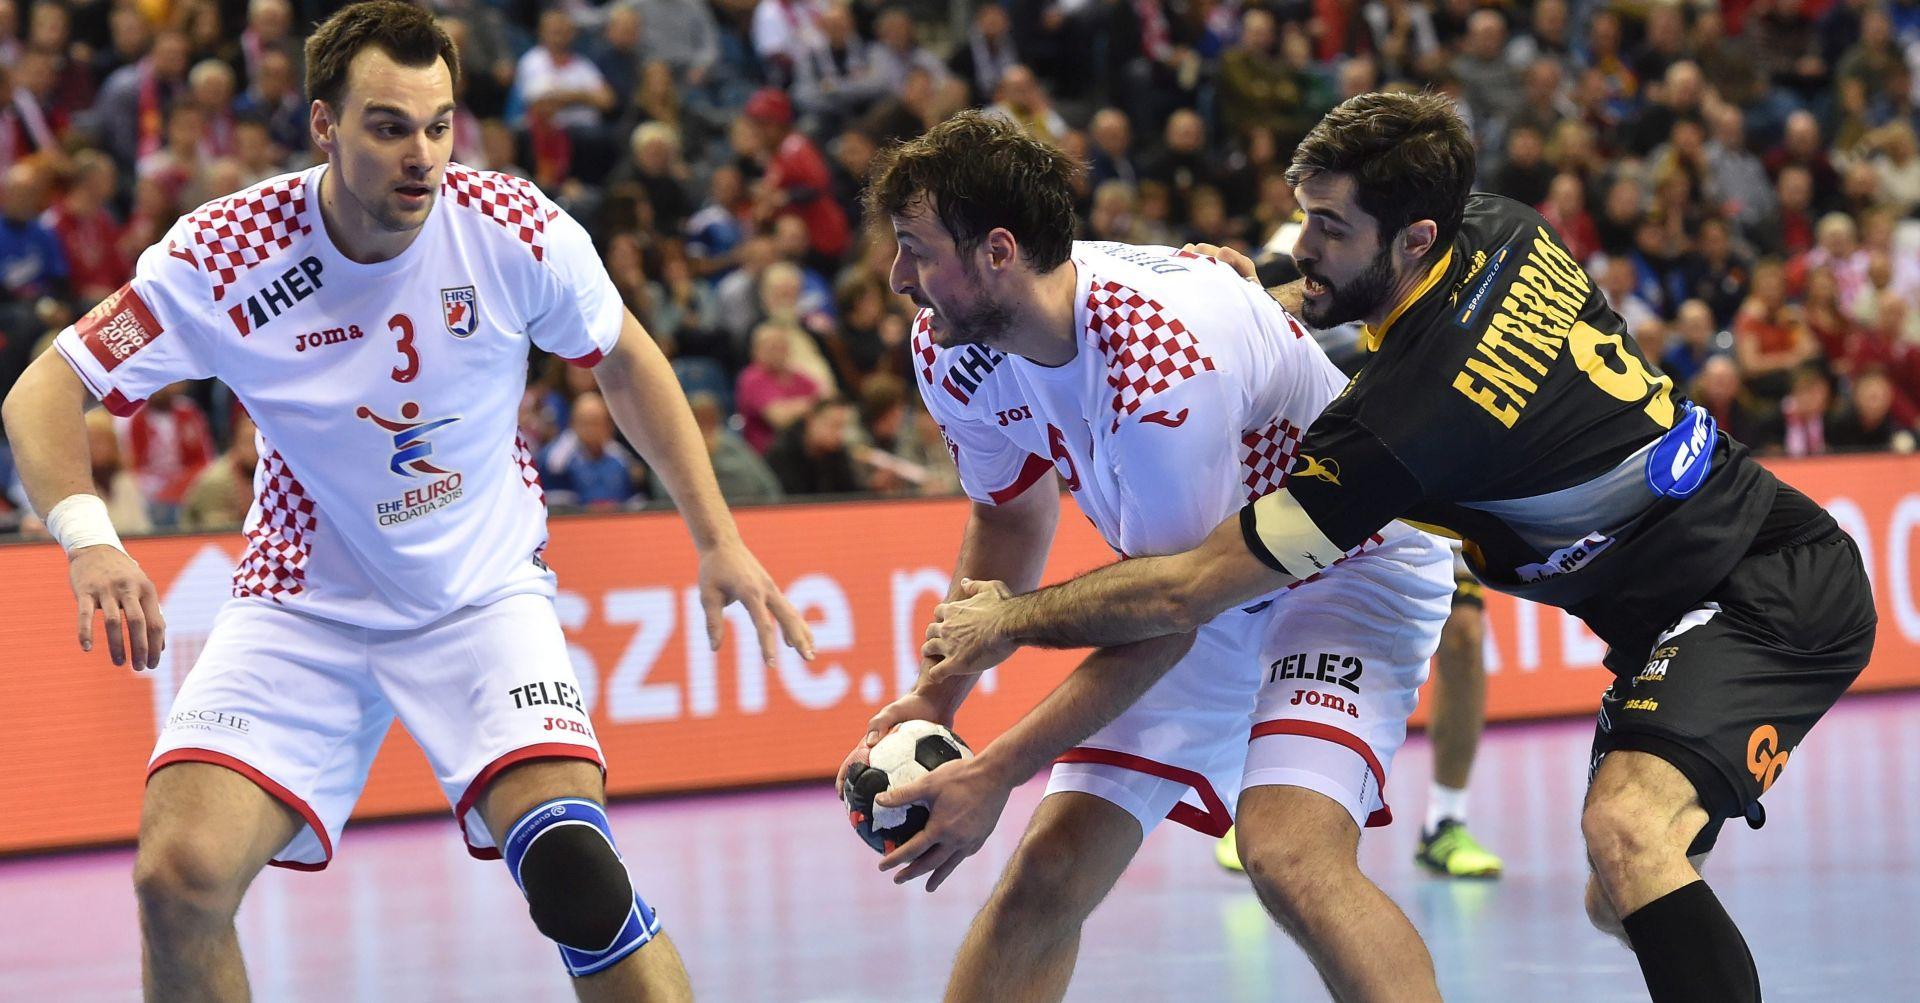 NIJE IŠLO Kauboji odlično startali, pa se 'smrzli', Španjolci zasluženo u finalu EURO-a